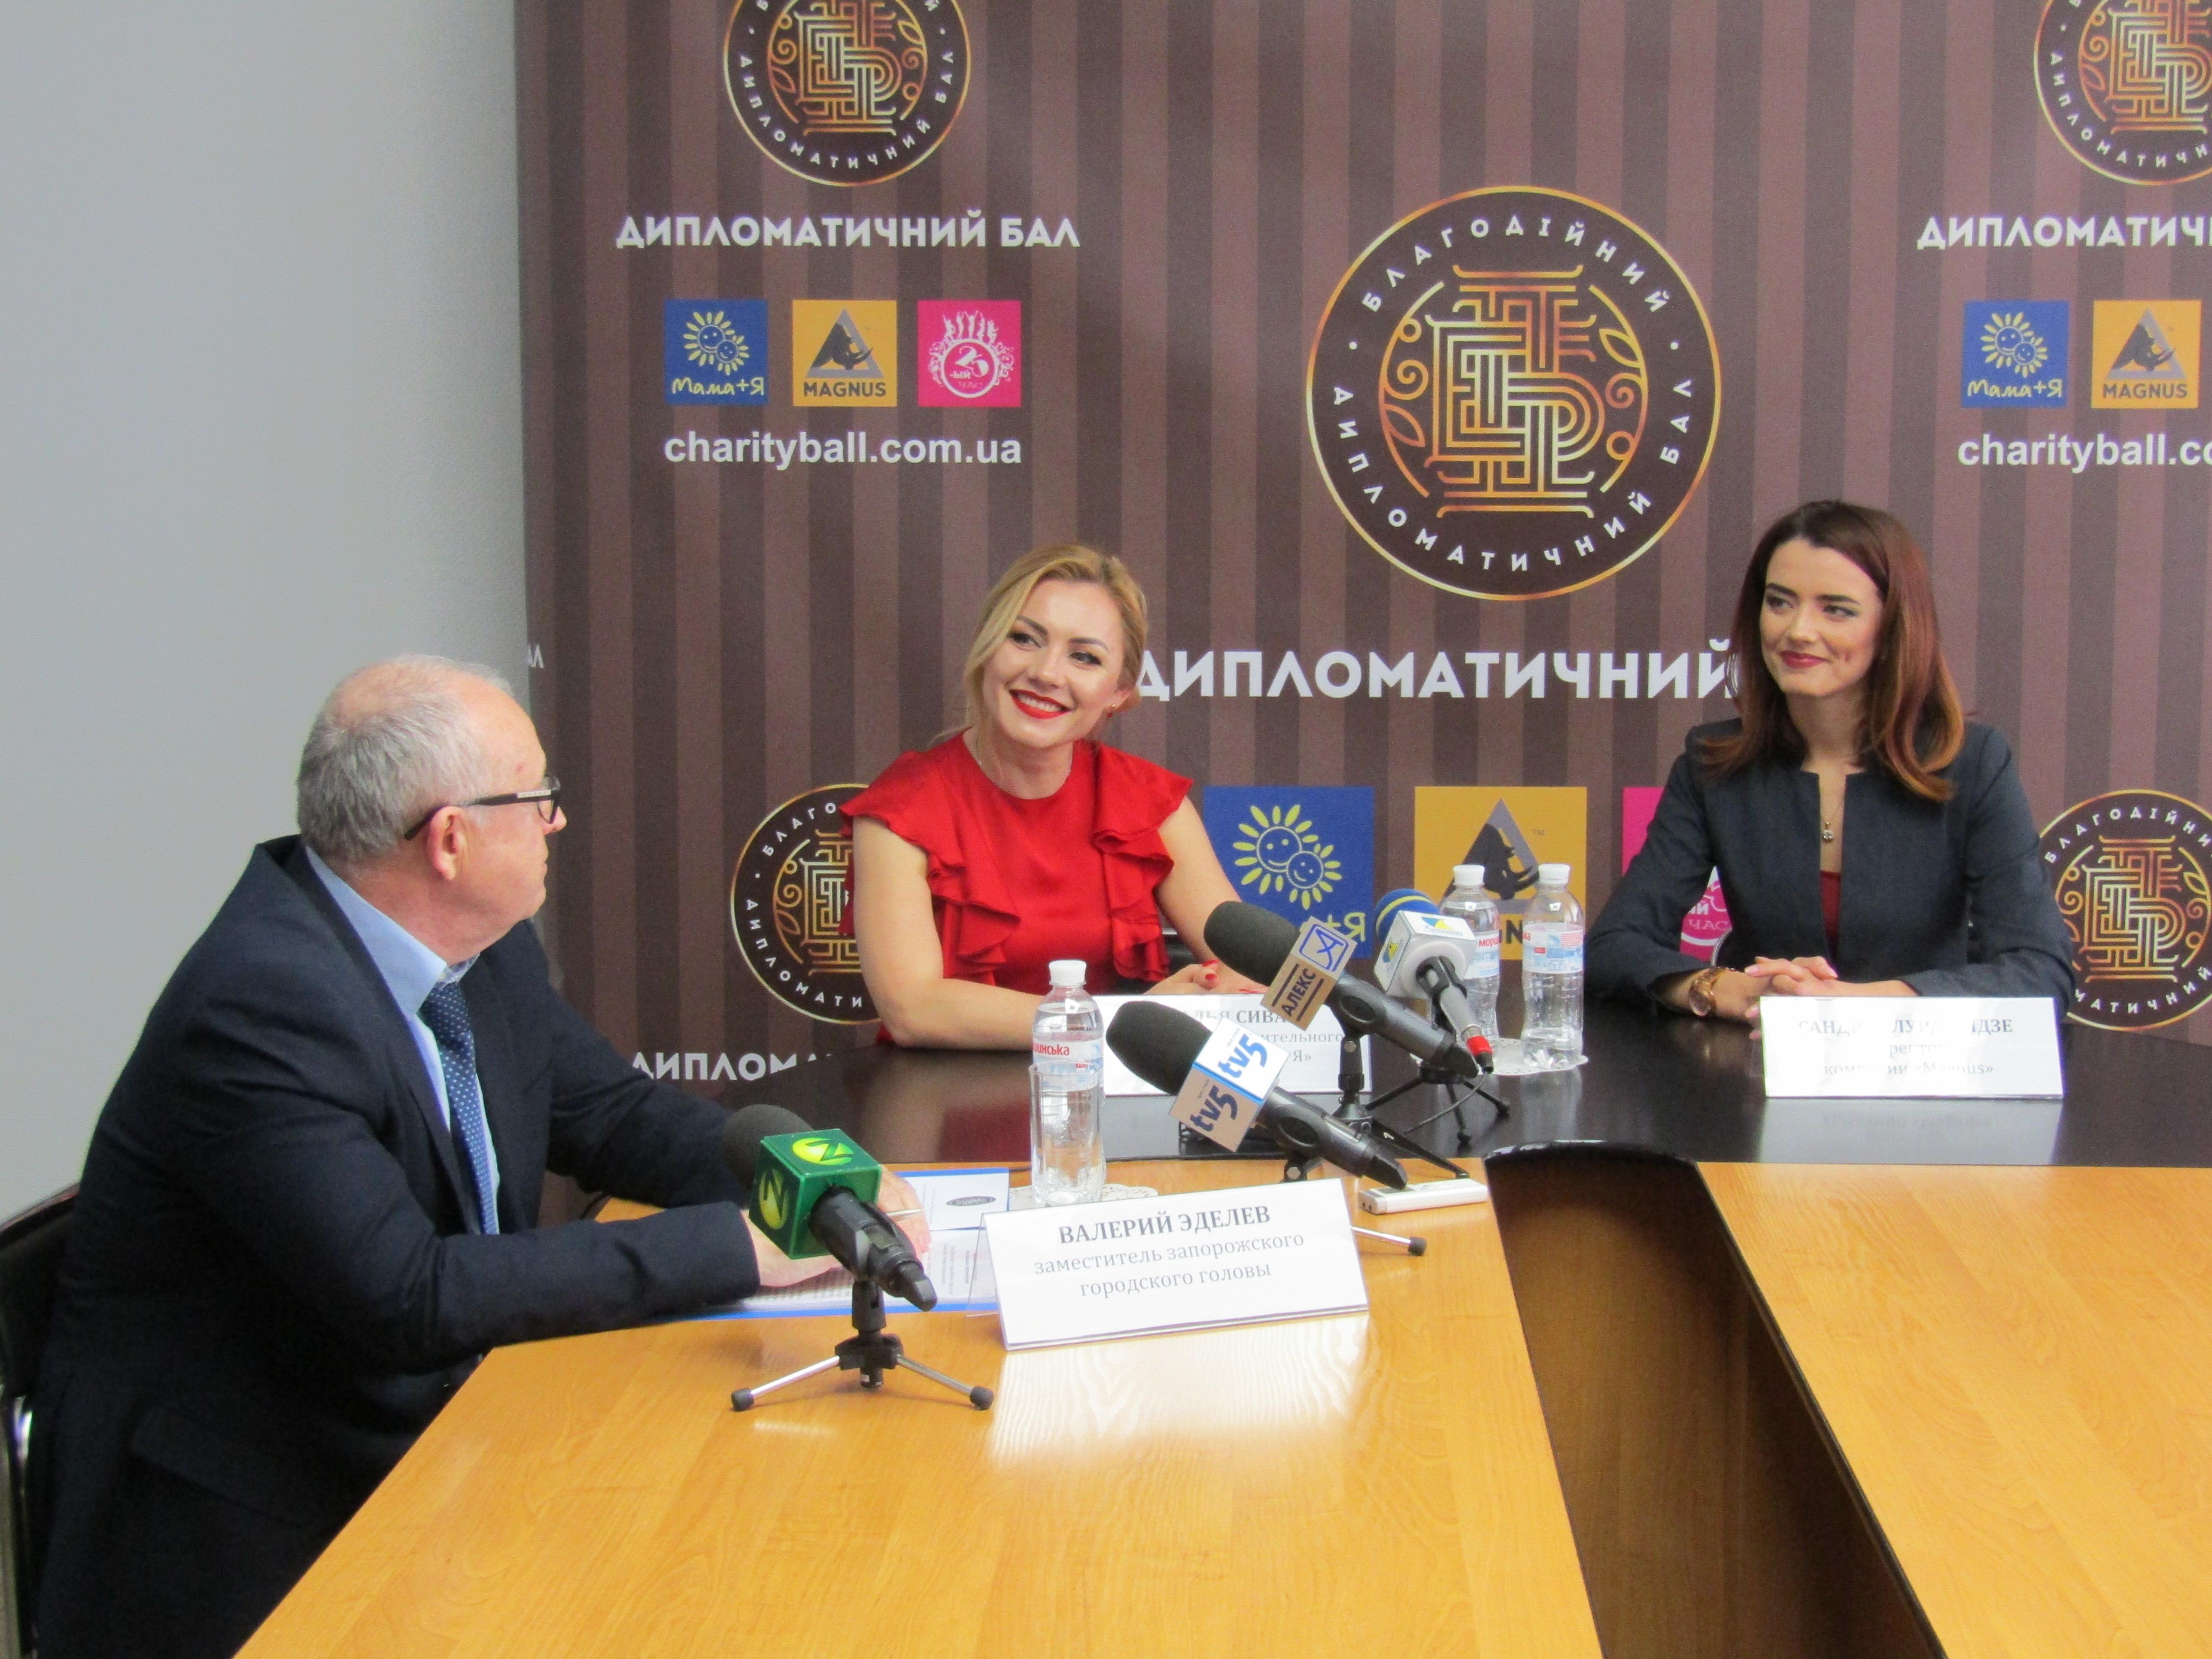 В Запорожье состоится большой Благотворительный Дипломатический бал